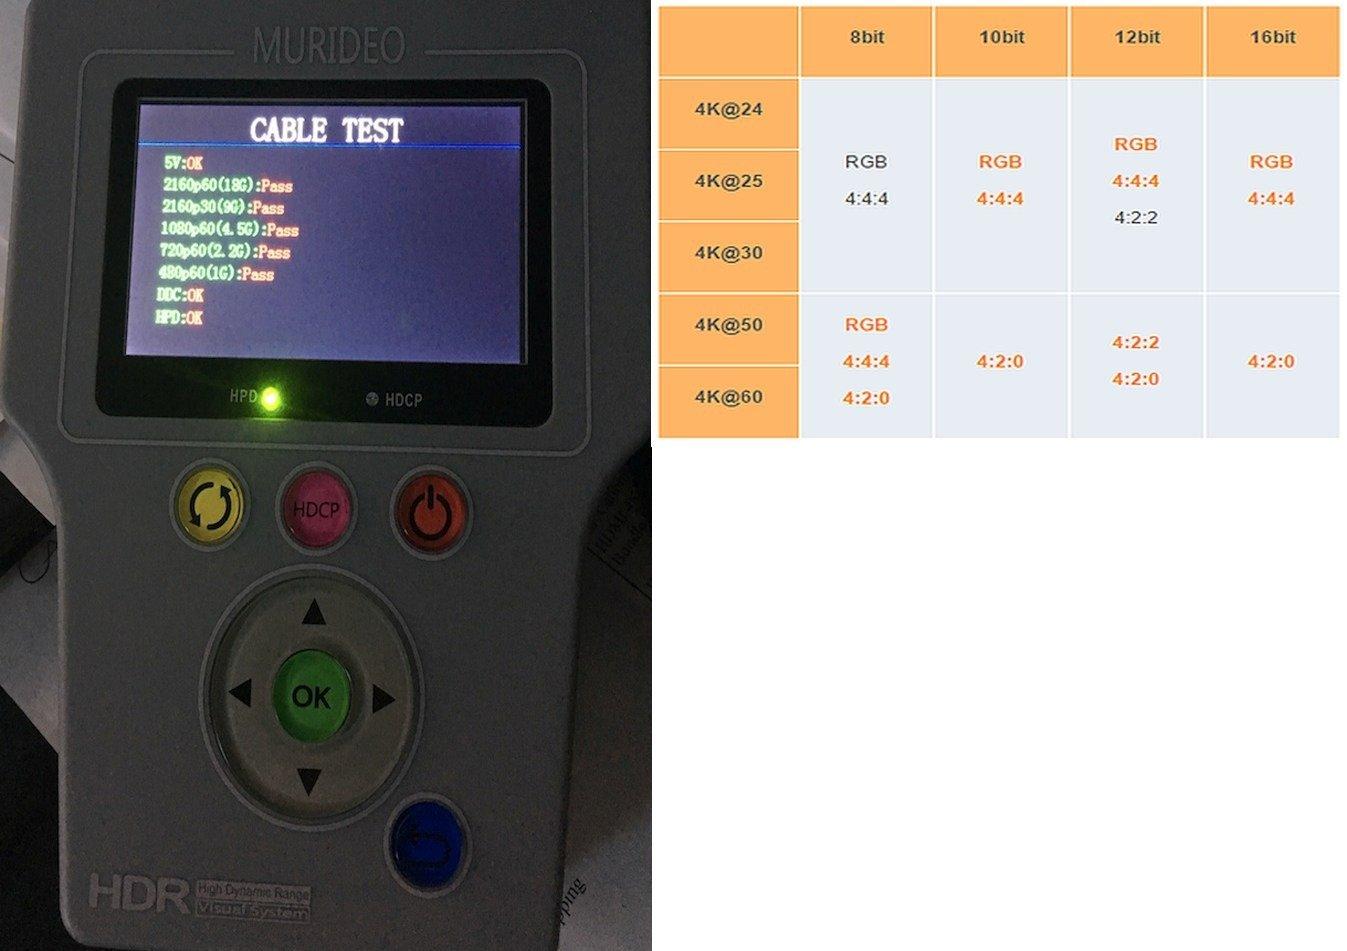 HDMI_Kabel_Test_Heimkino-de3M3EaAPx7ueoh